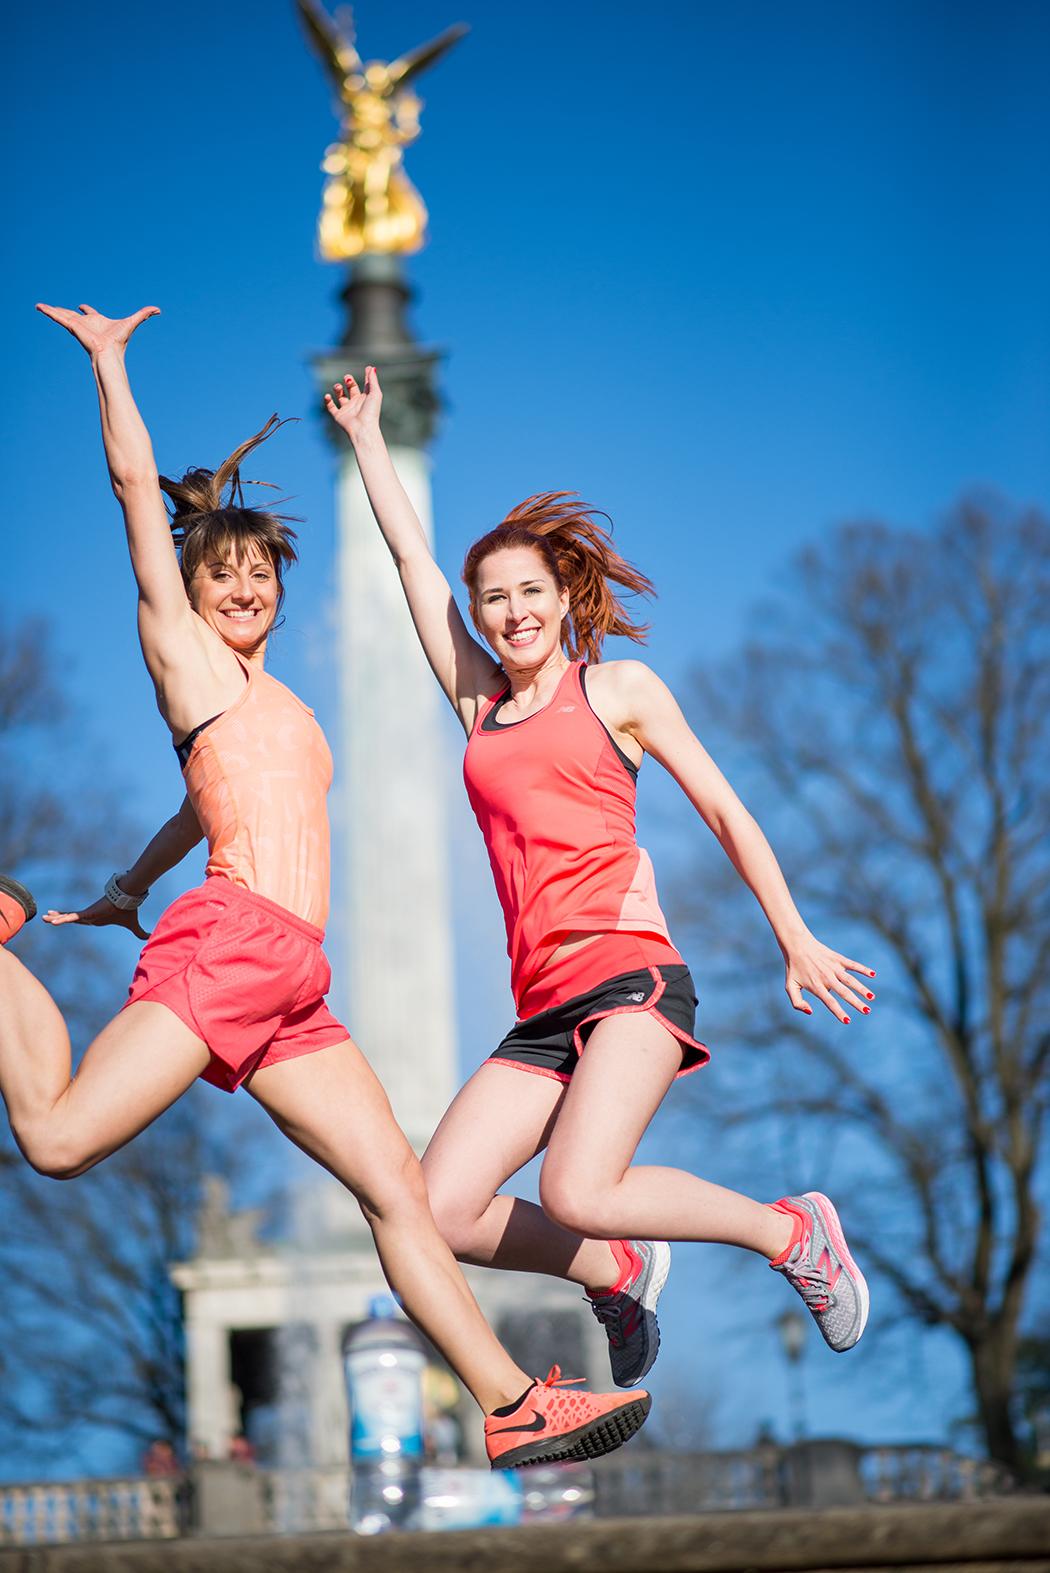 Fitnessblog-Deutschland-Fitnessblogger-München-Lindarella-Personaltraining-Miriam-Frieser-Gerolsteiner-Wings-for-Life-World-Run-Friedensengel-München-Munich-9